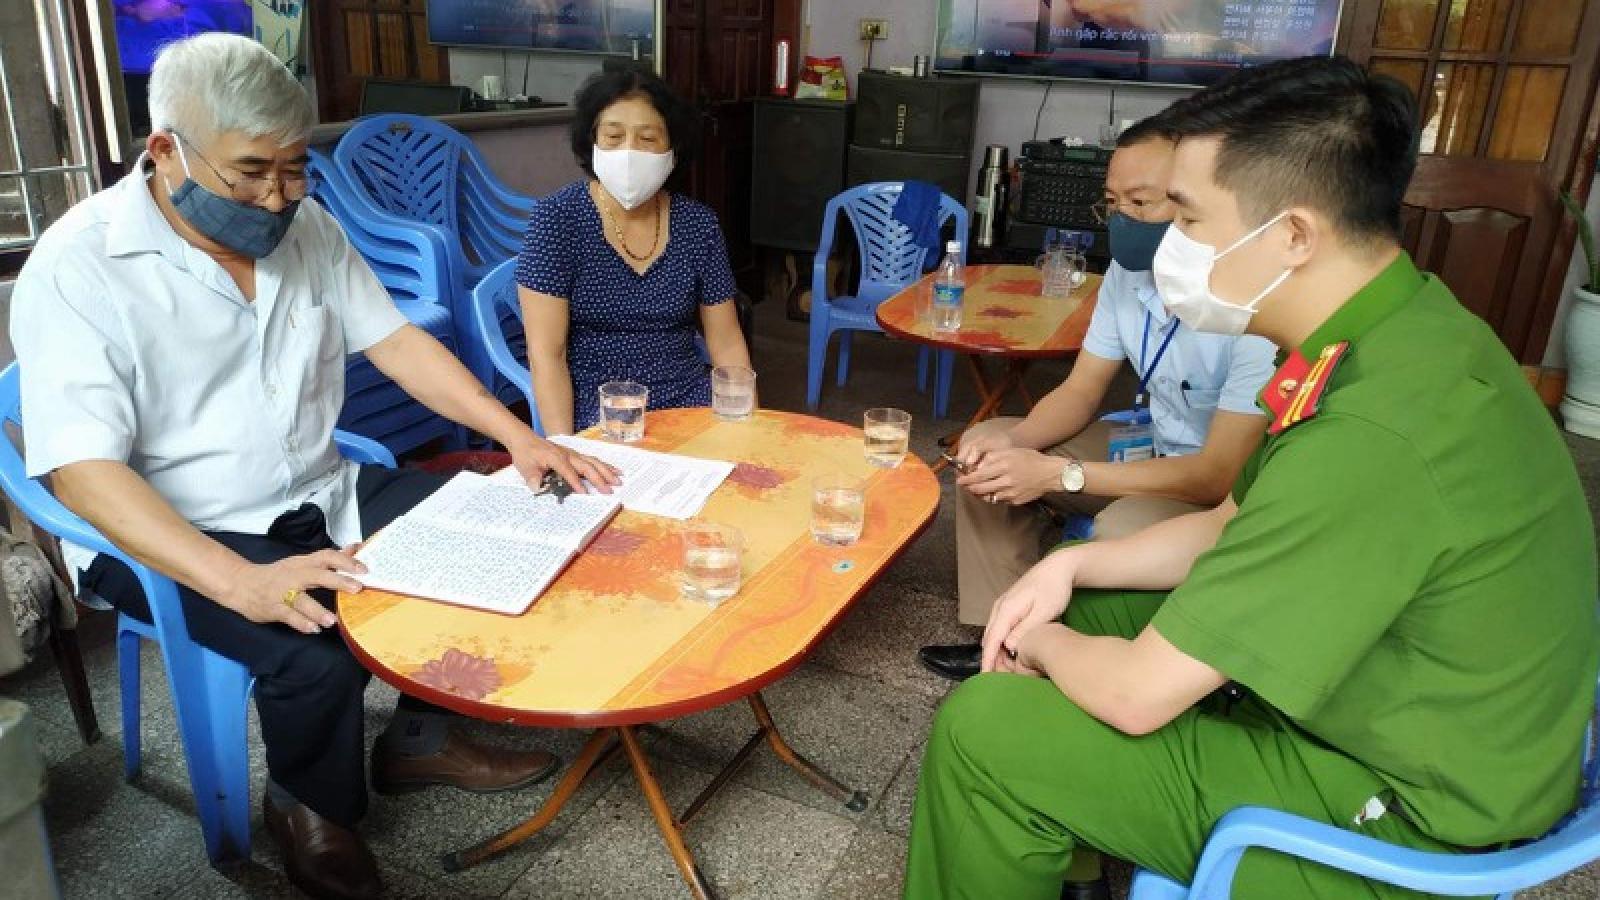 Gần 3.000 người Quảng Ninh tự khai báo y tế khi trở về từ Đà Nẵng